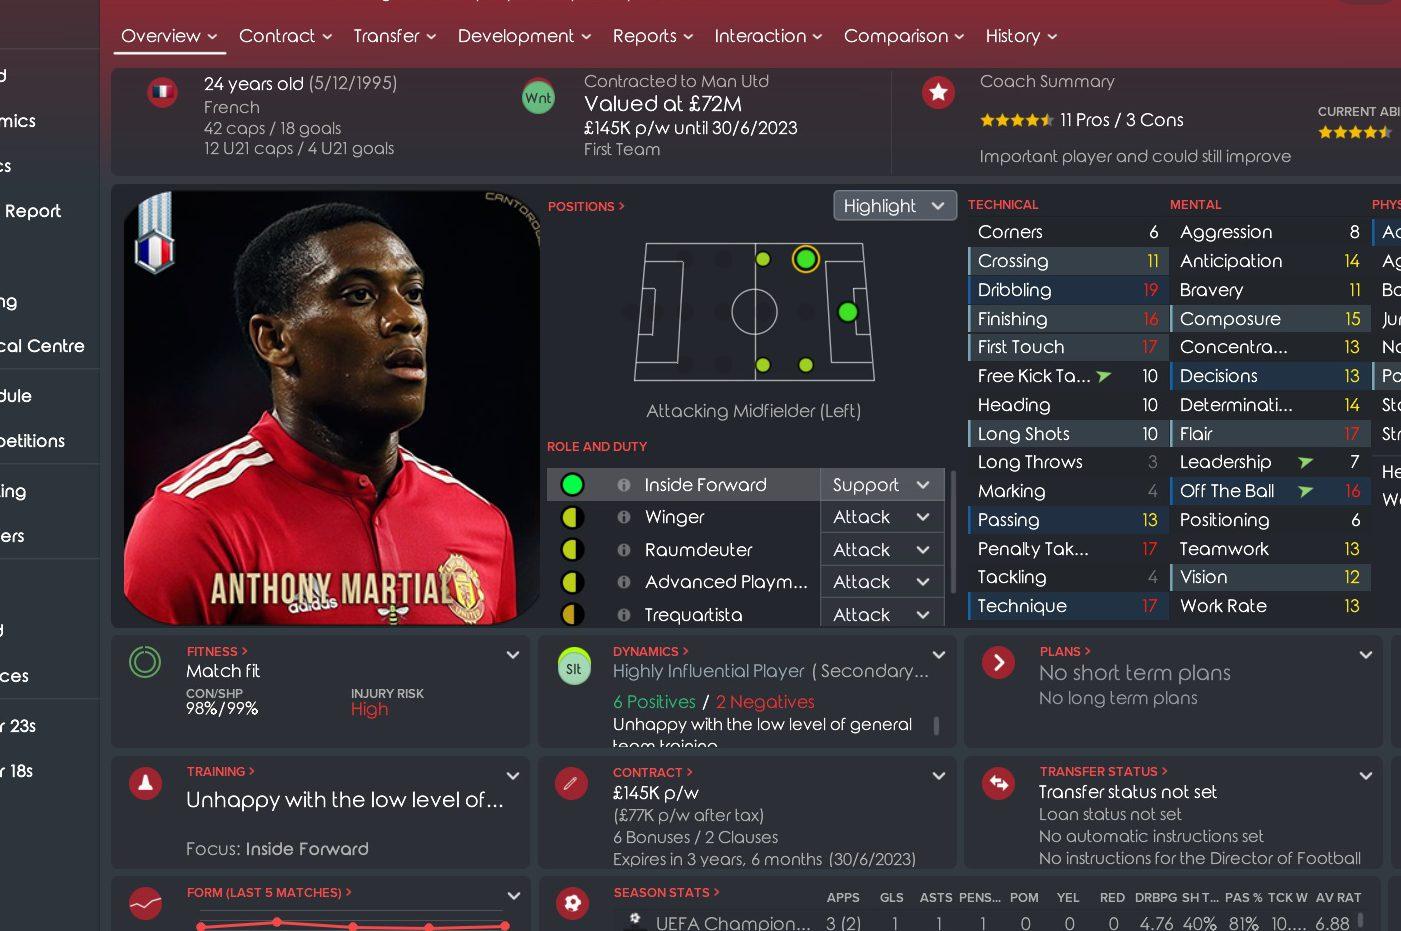 Le jeu Football Manager souffre-t-il d'un biais raciste ?